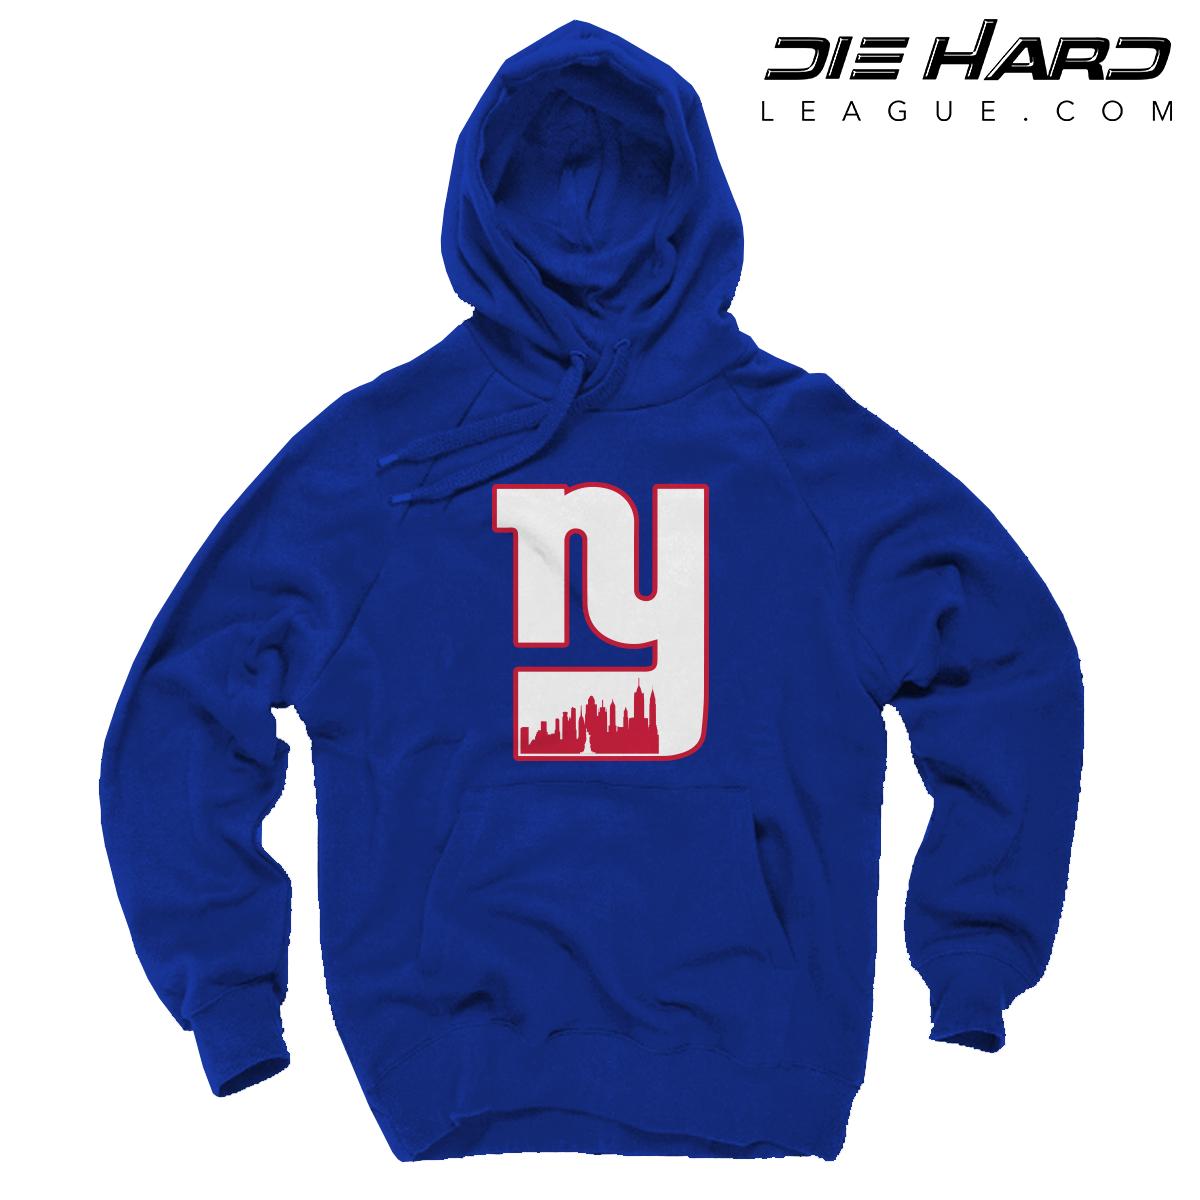 New York Giants Sweatshirt - NY Giants Alternate City Logo Sweatshirt 9402eb6c8